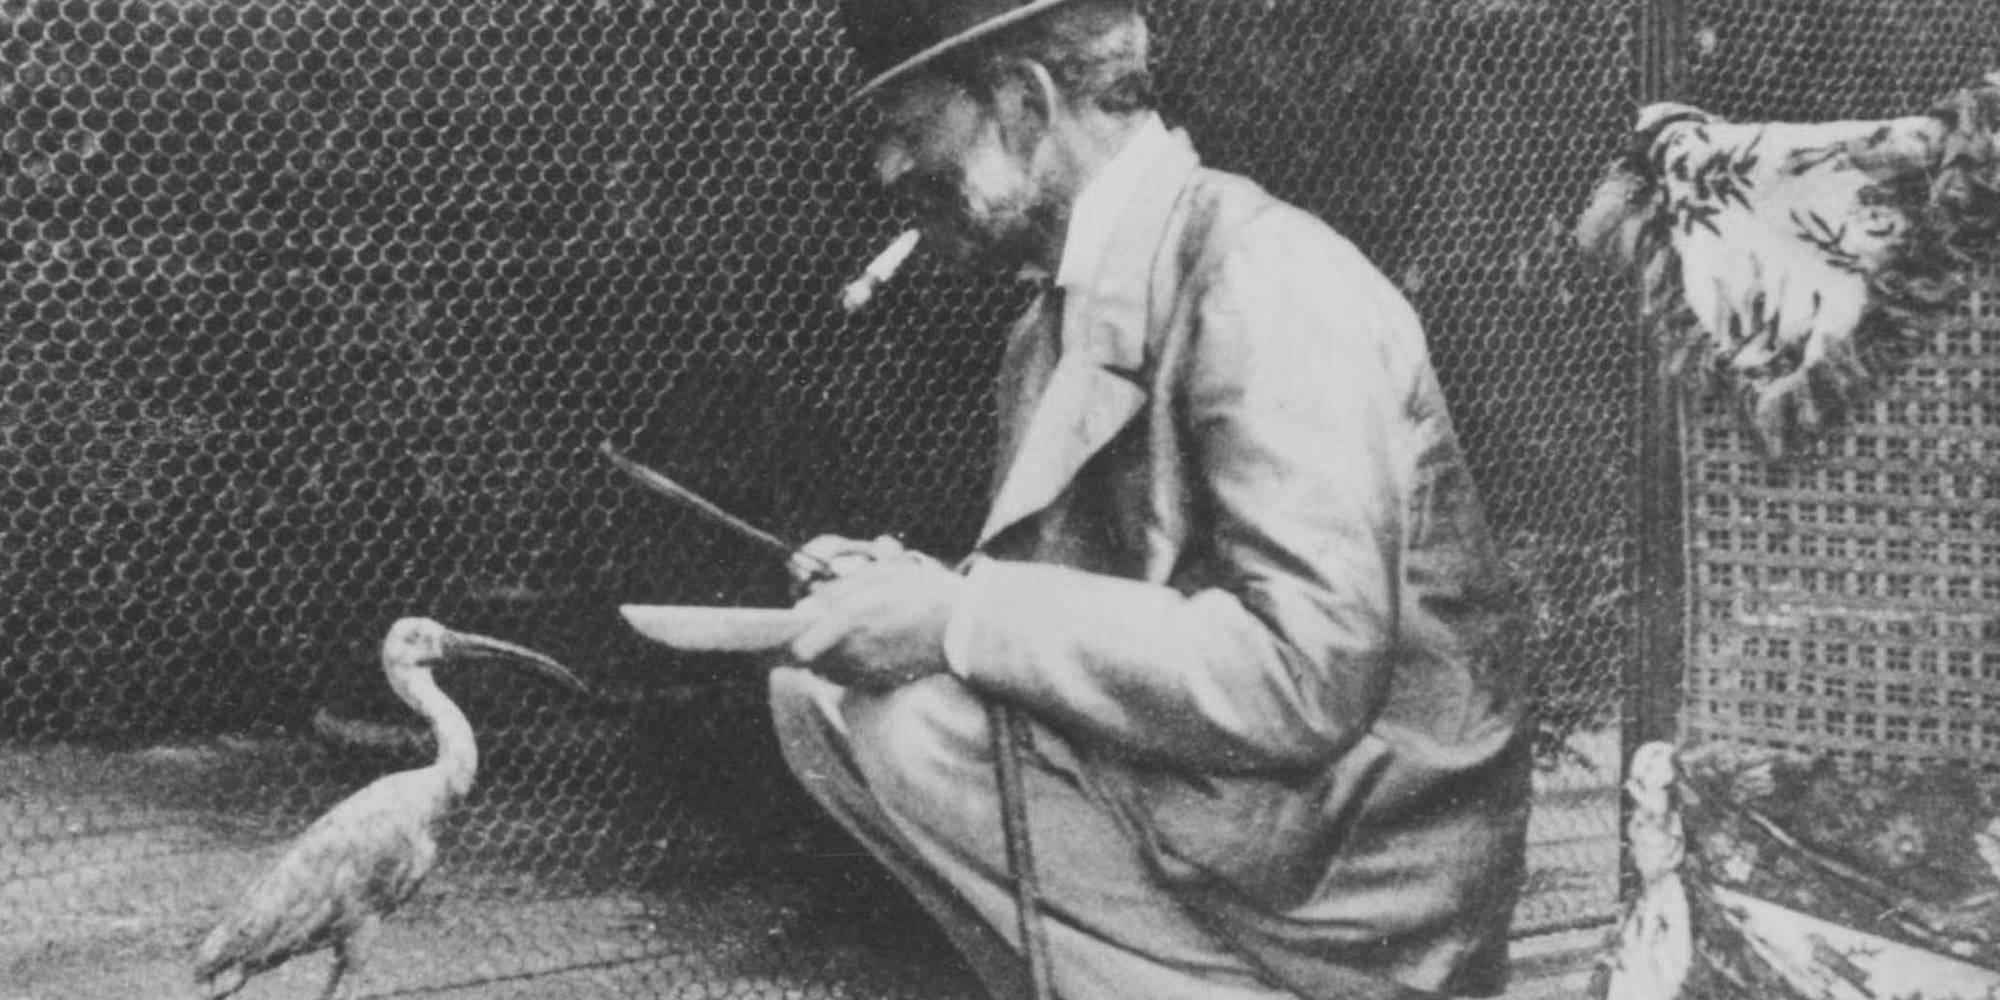 Baron Ferdinand feeding a bird at the aviary